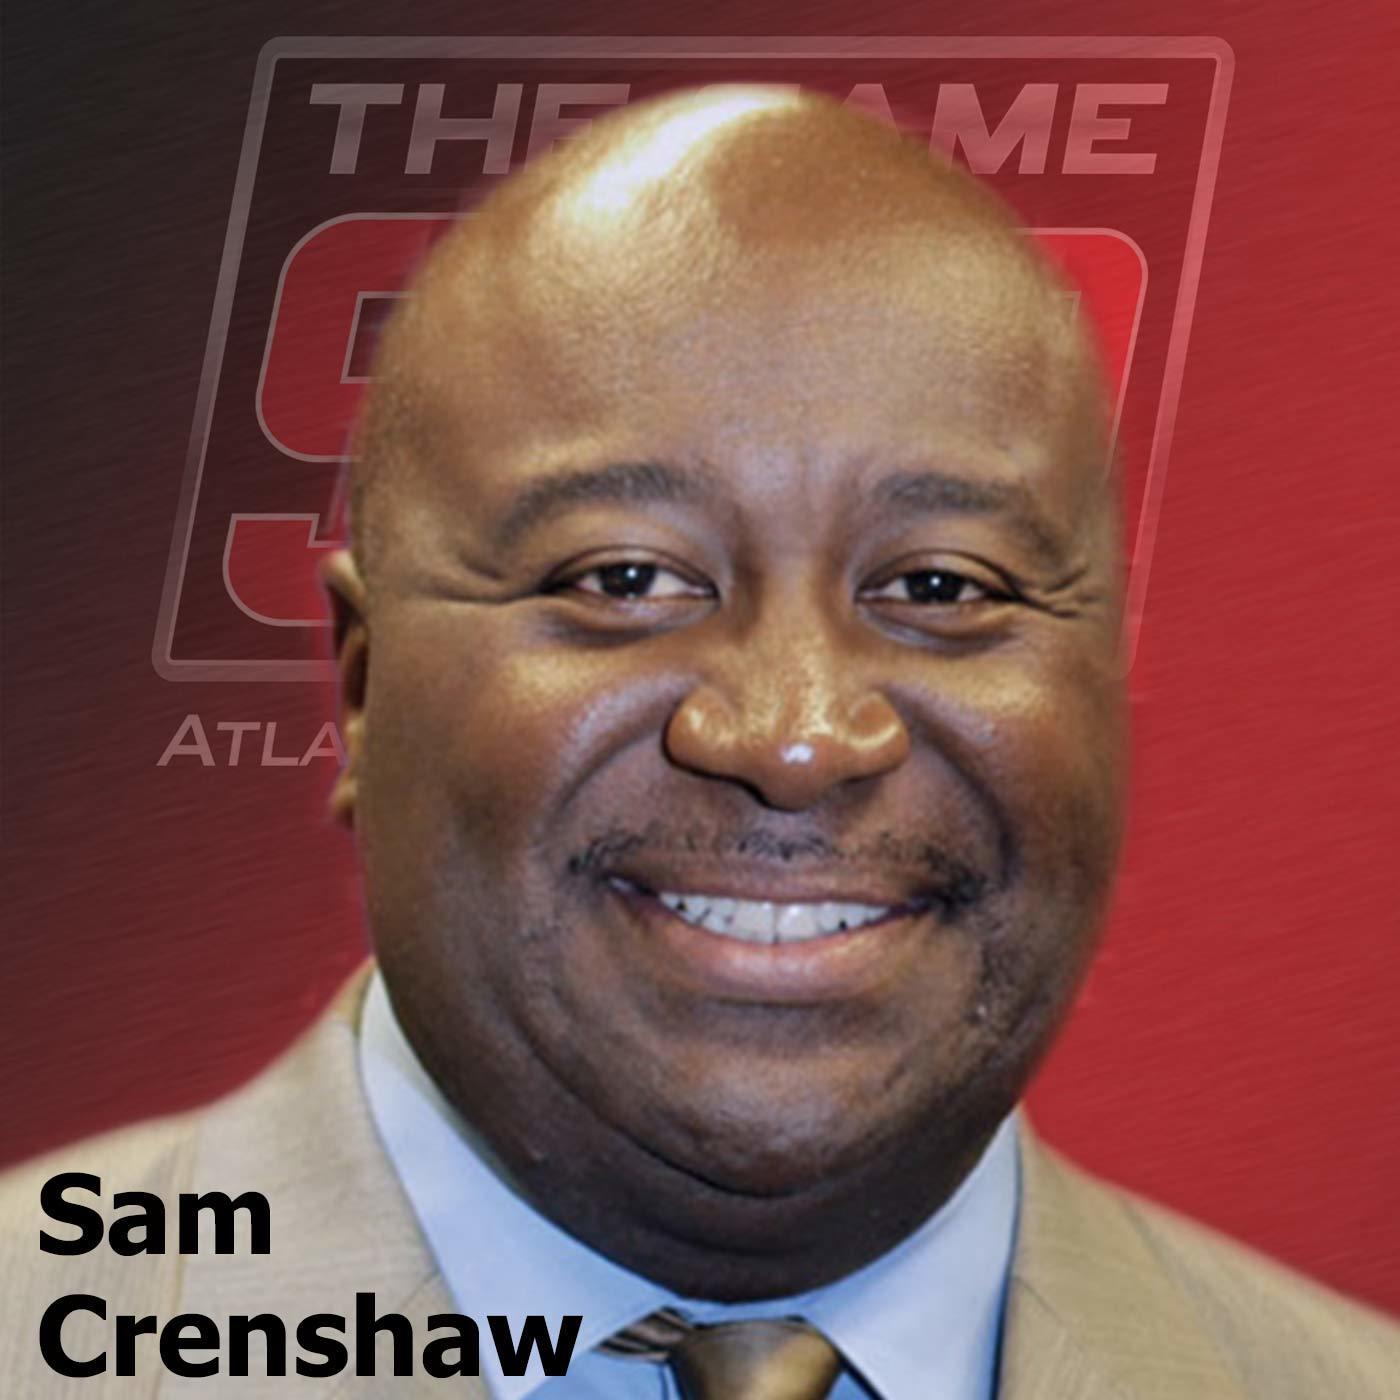 Sam Crenshaw